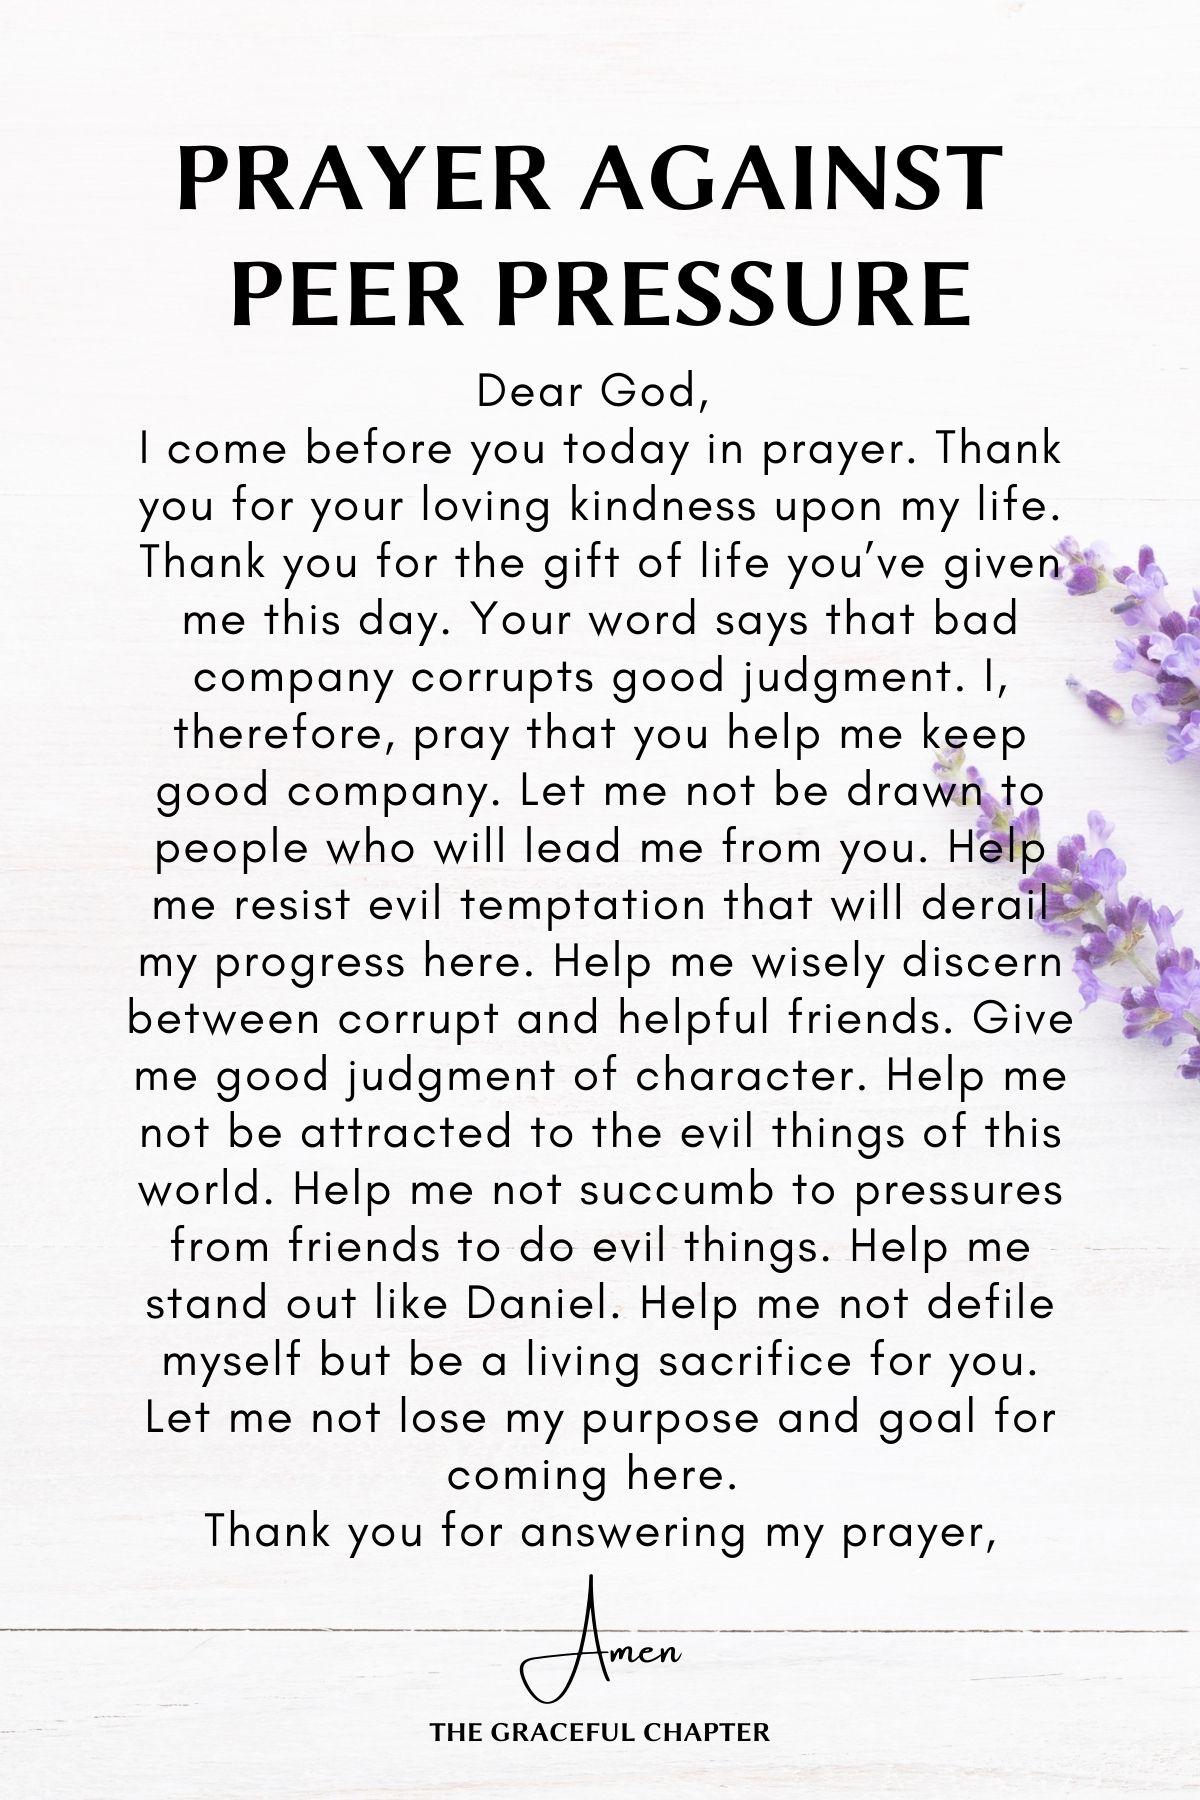 Prayer against peer pressure